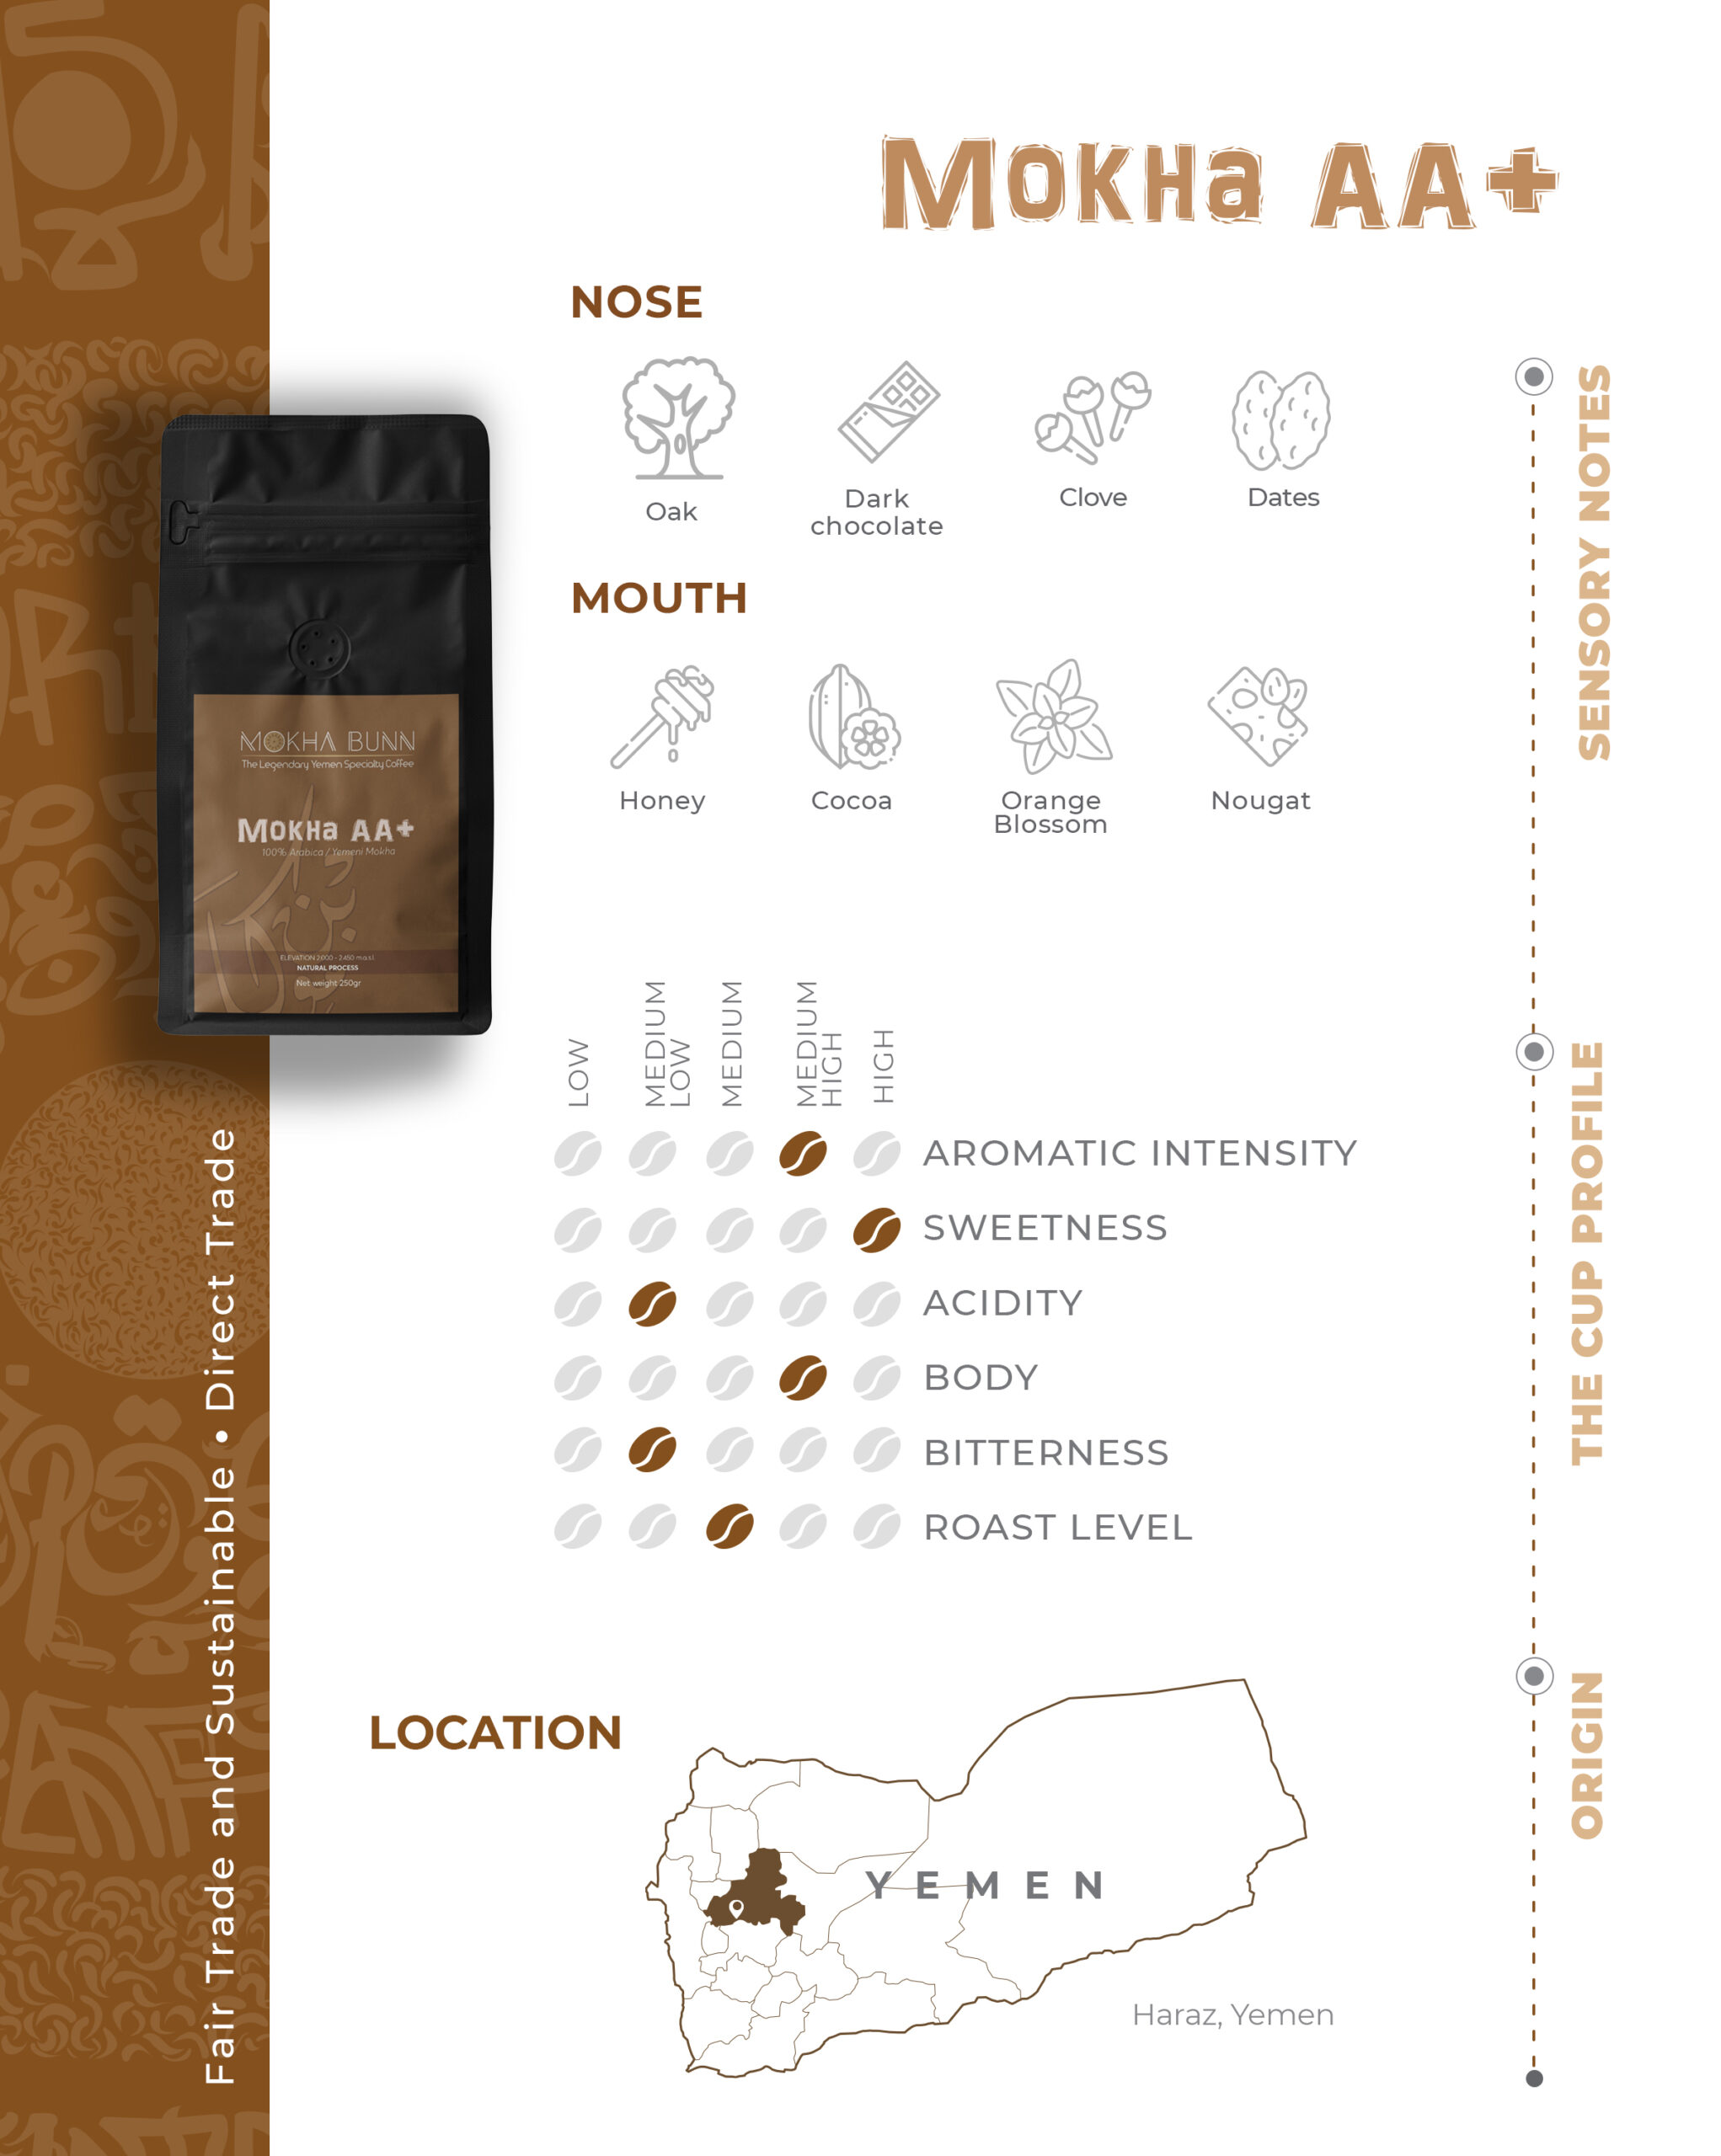 Yemen Specialty Coffee Mokha Bunn Mokha AA